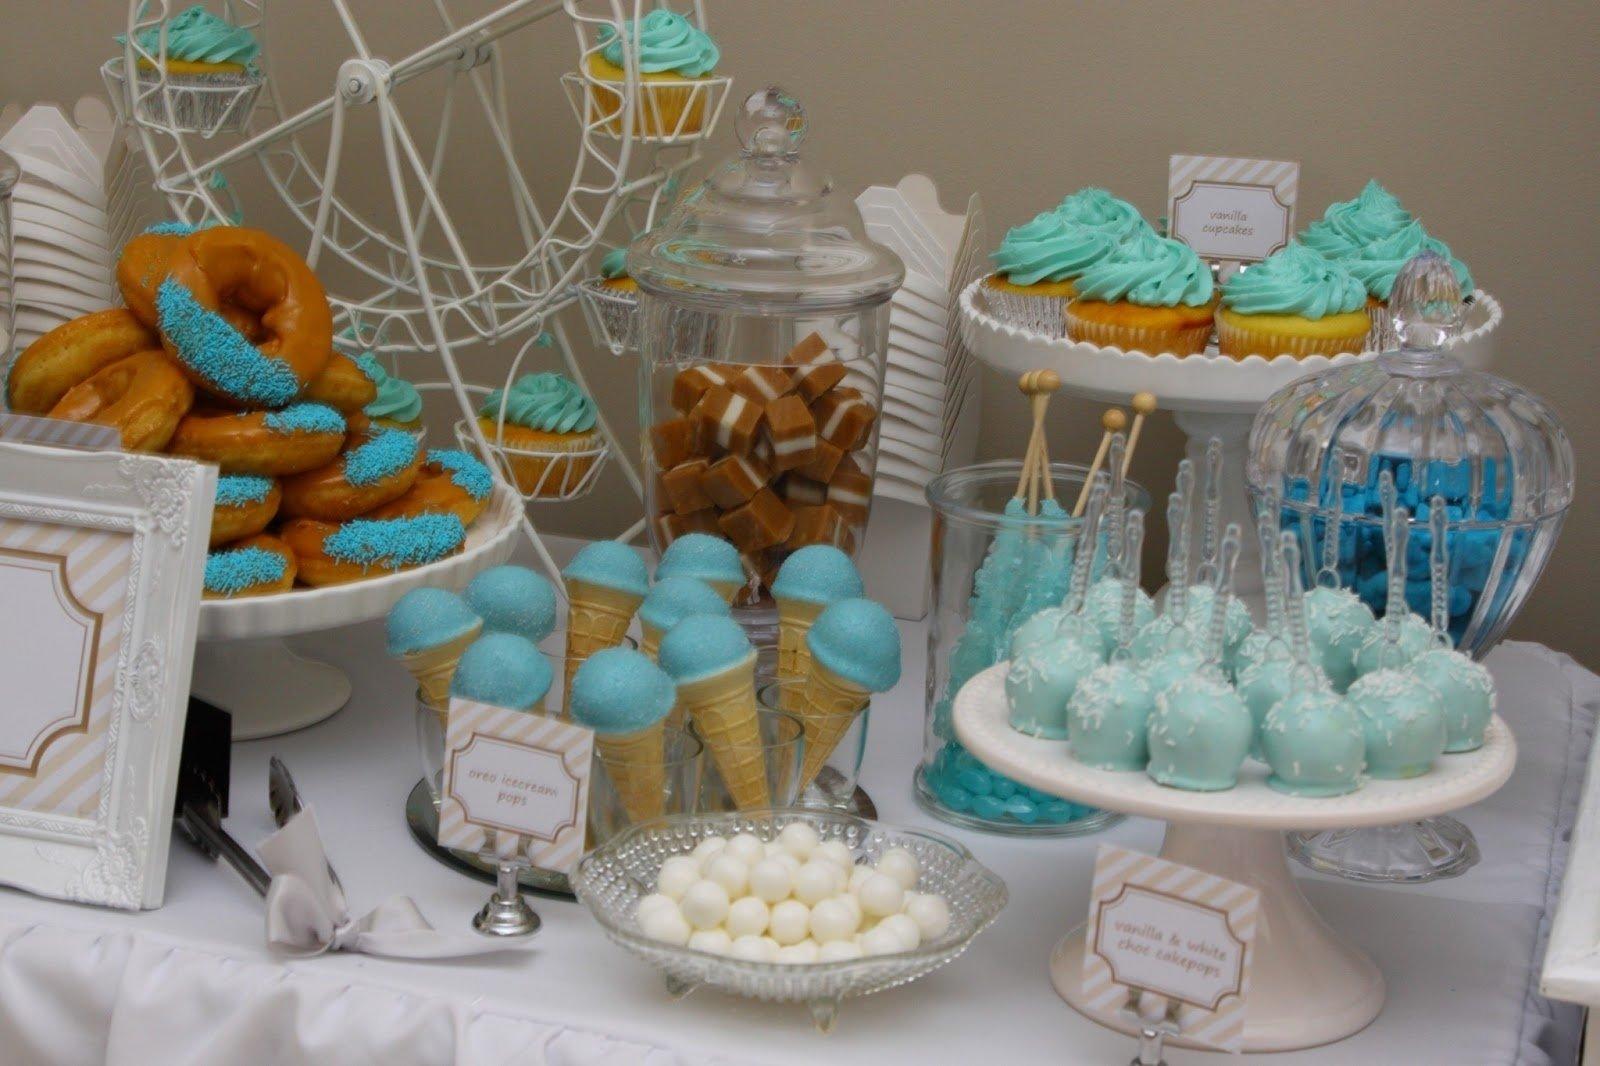 10 Spectacular Boy Baby Shower Food Ideas pretty looking baby shower food ideas for a boy homestartx com wedding 2 2020